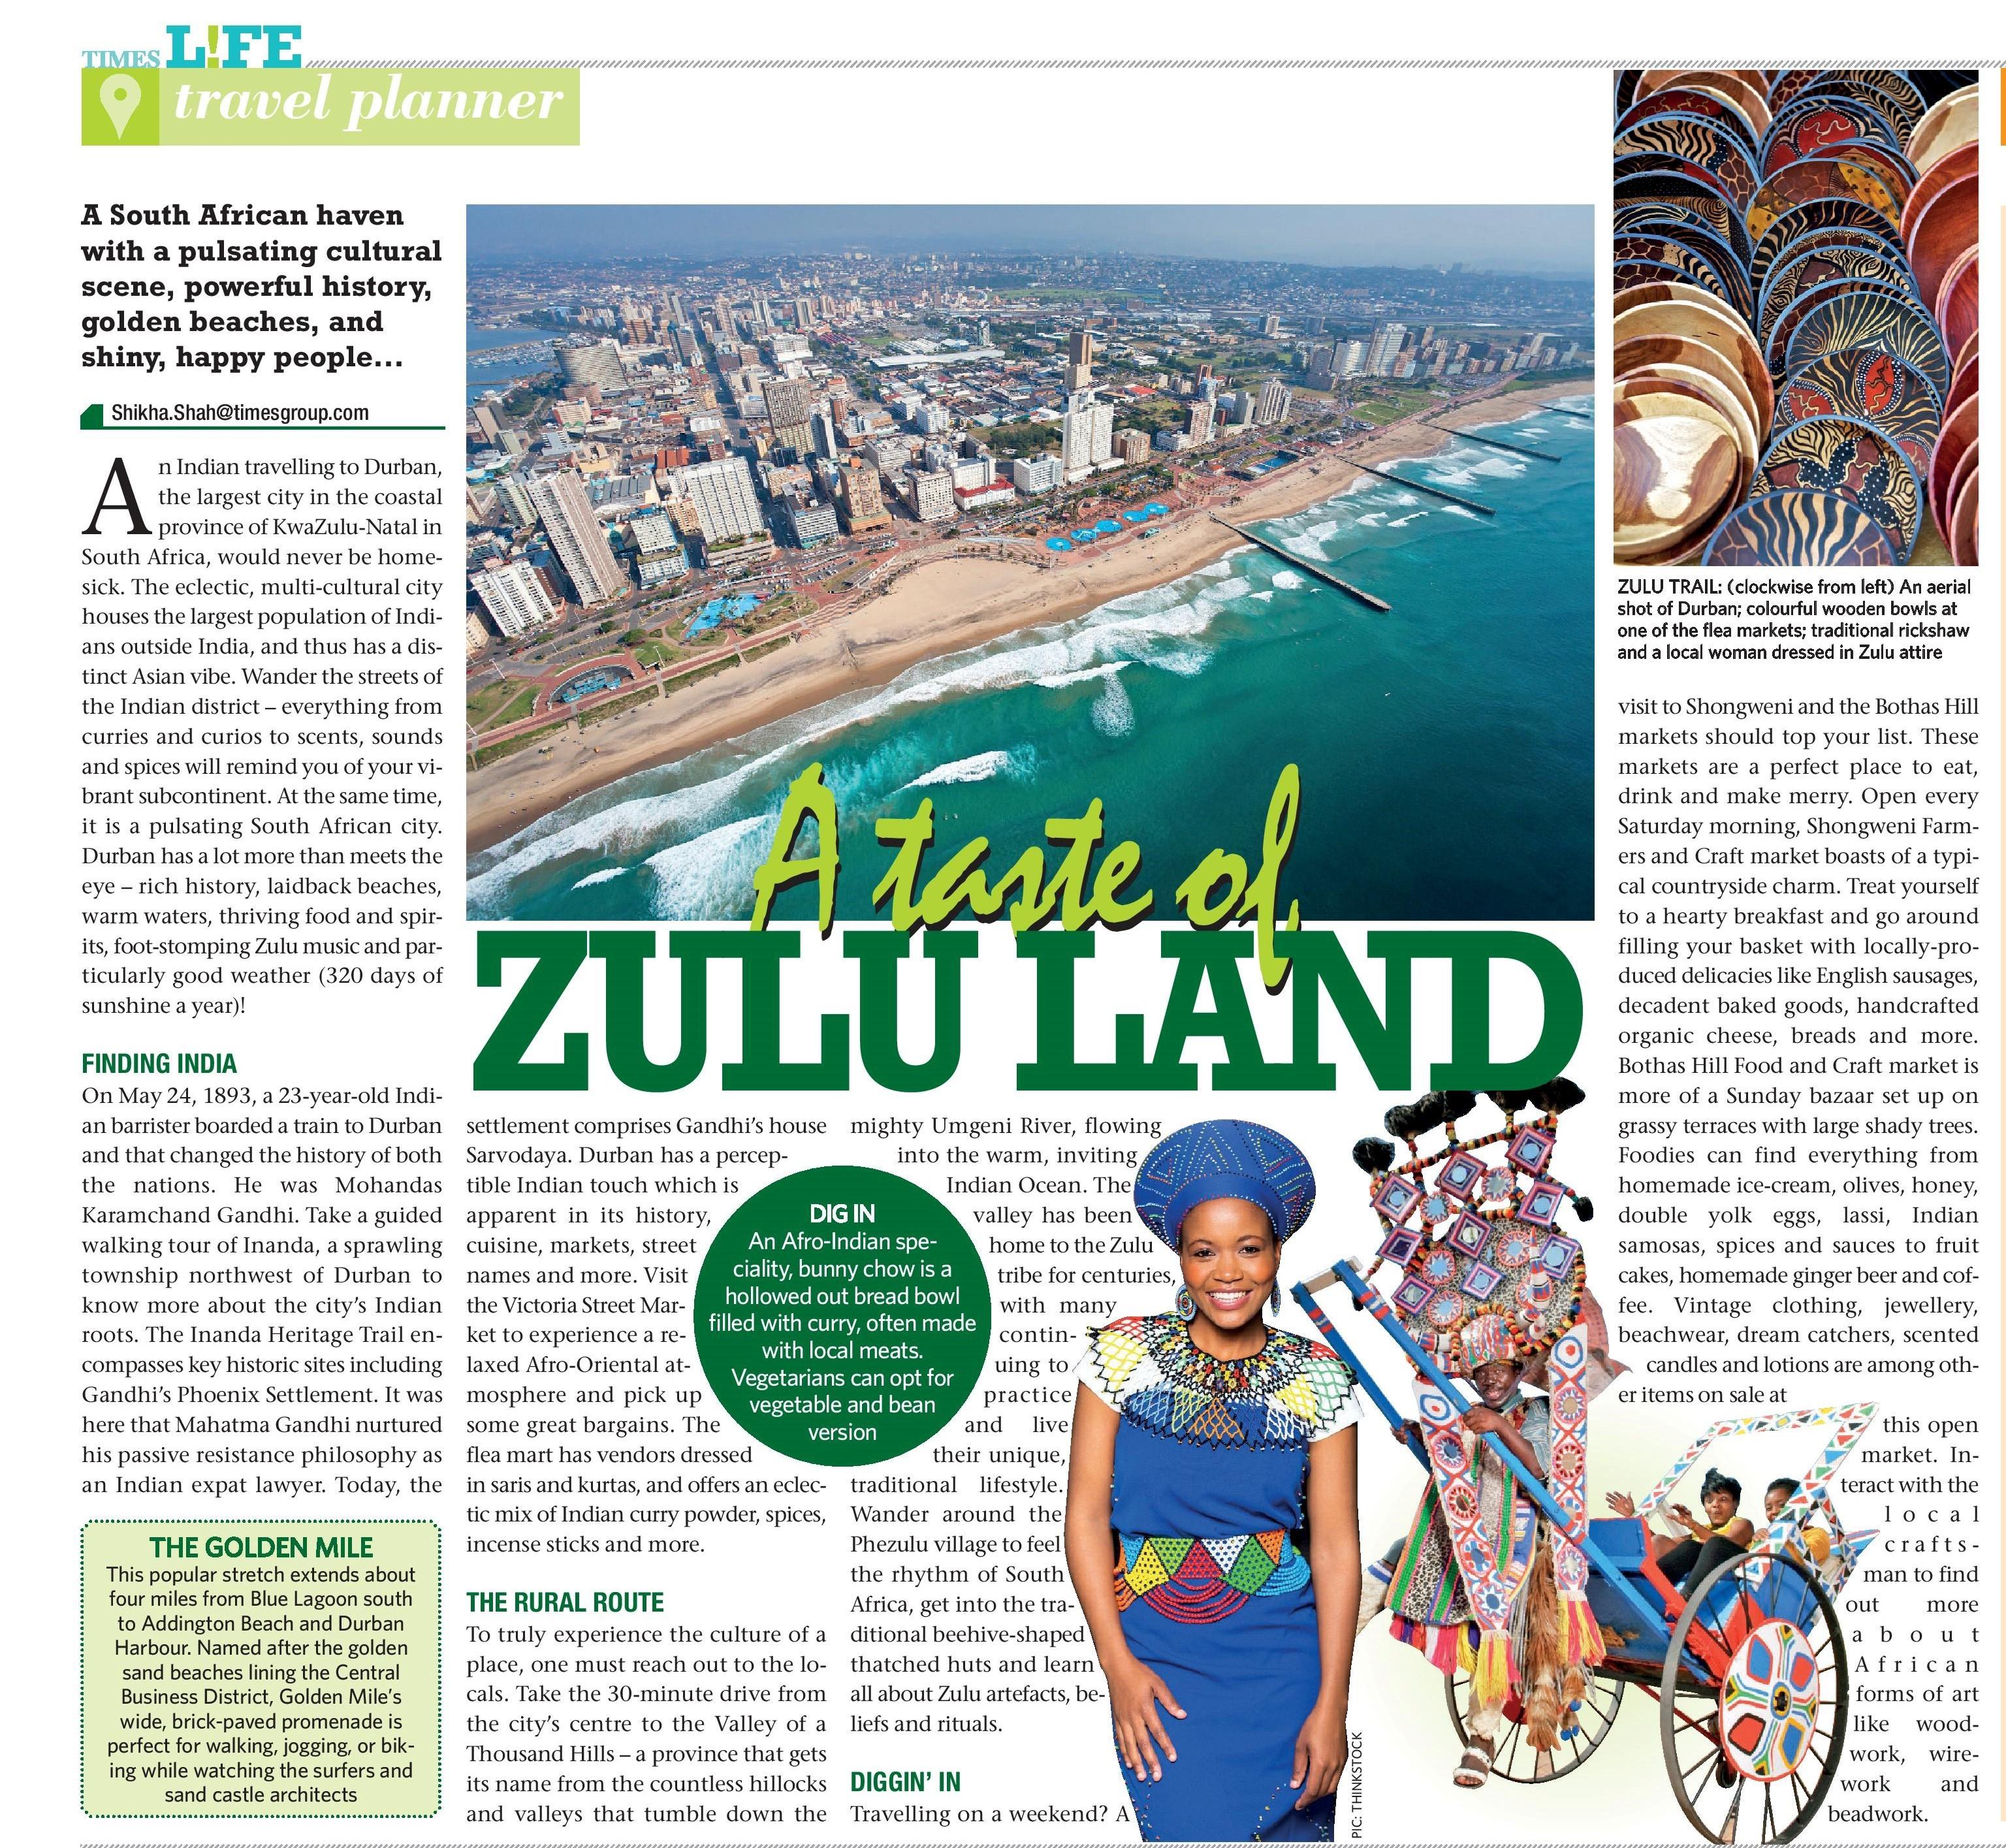 23092017_Durban, SA + Parineeti-page-001 (3)